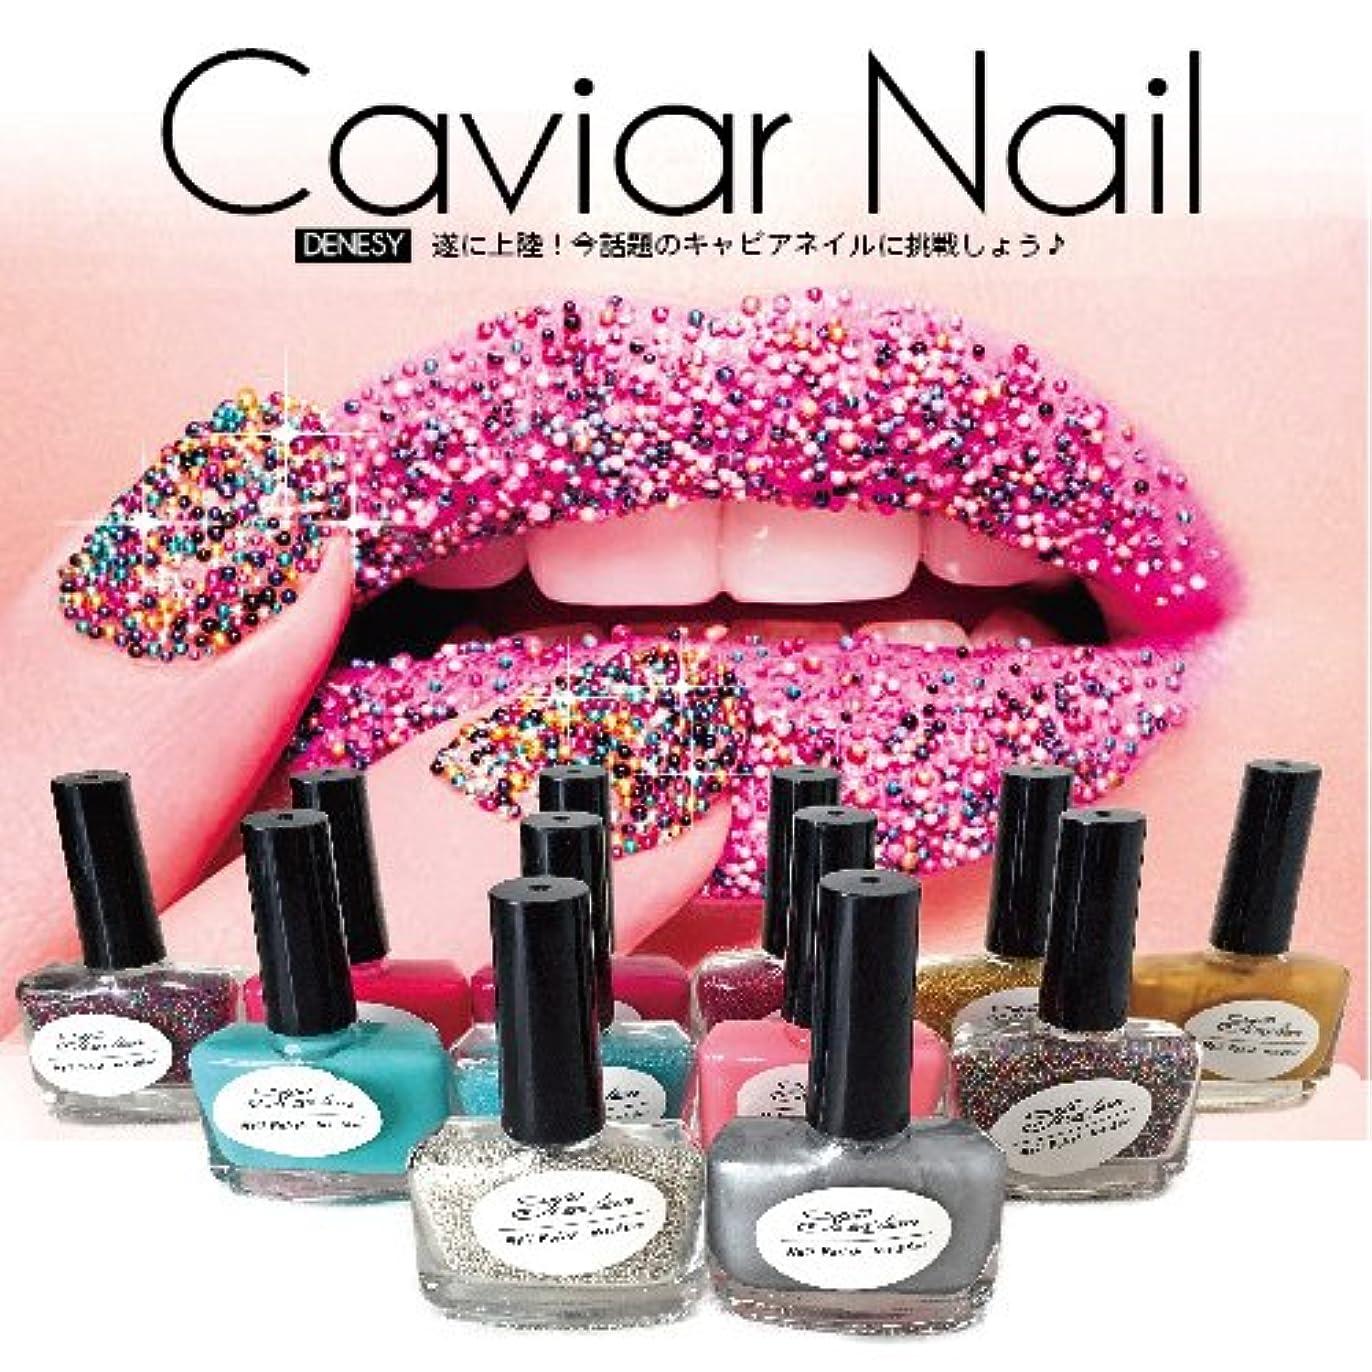 腫瘍磁器ゼリーキャビアネイル DENESY Caviar Nail (3点セット)NEWリニューアル 08:グリーン [マニキュア ネイルカラー ネイルポリッシュ SHANTI Caviar Manicure kit]